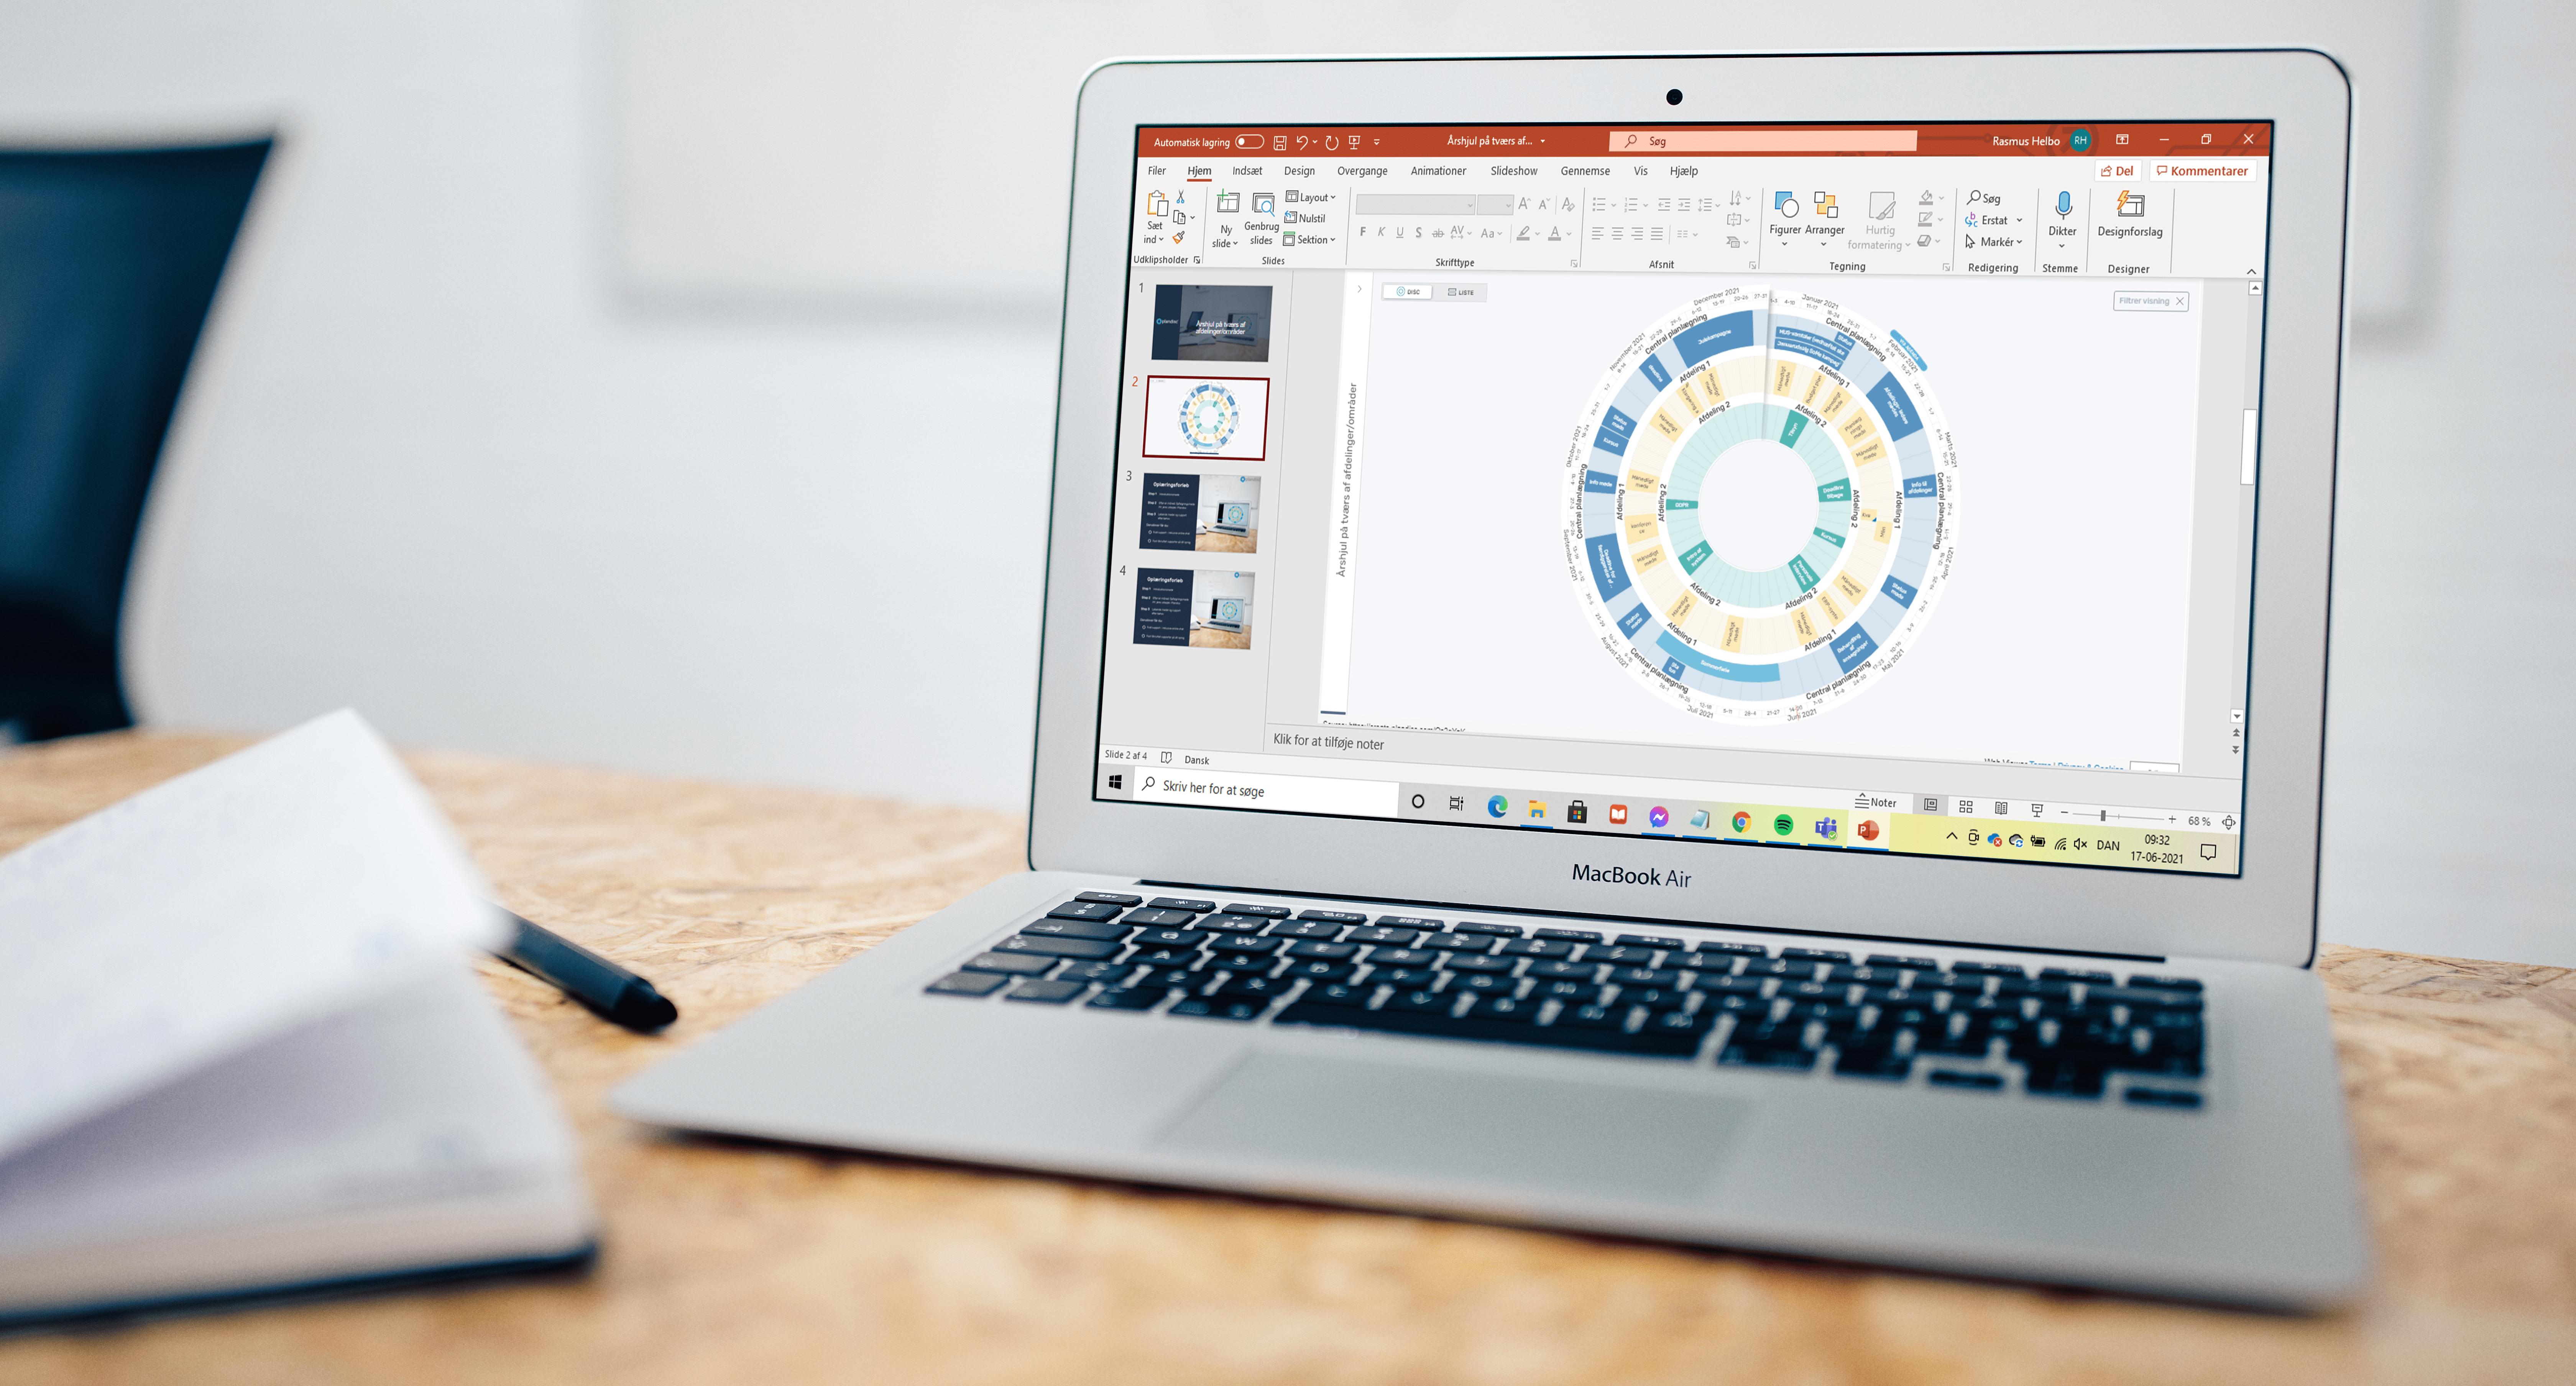 Plandisc: Vis et interaktivt årshjul i PowerPoint. Imponér dine kollegaer med en præsentation, der skaber overblik over fremtidsplaner